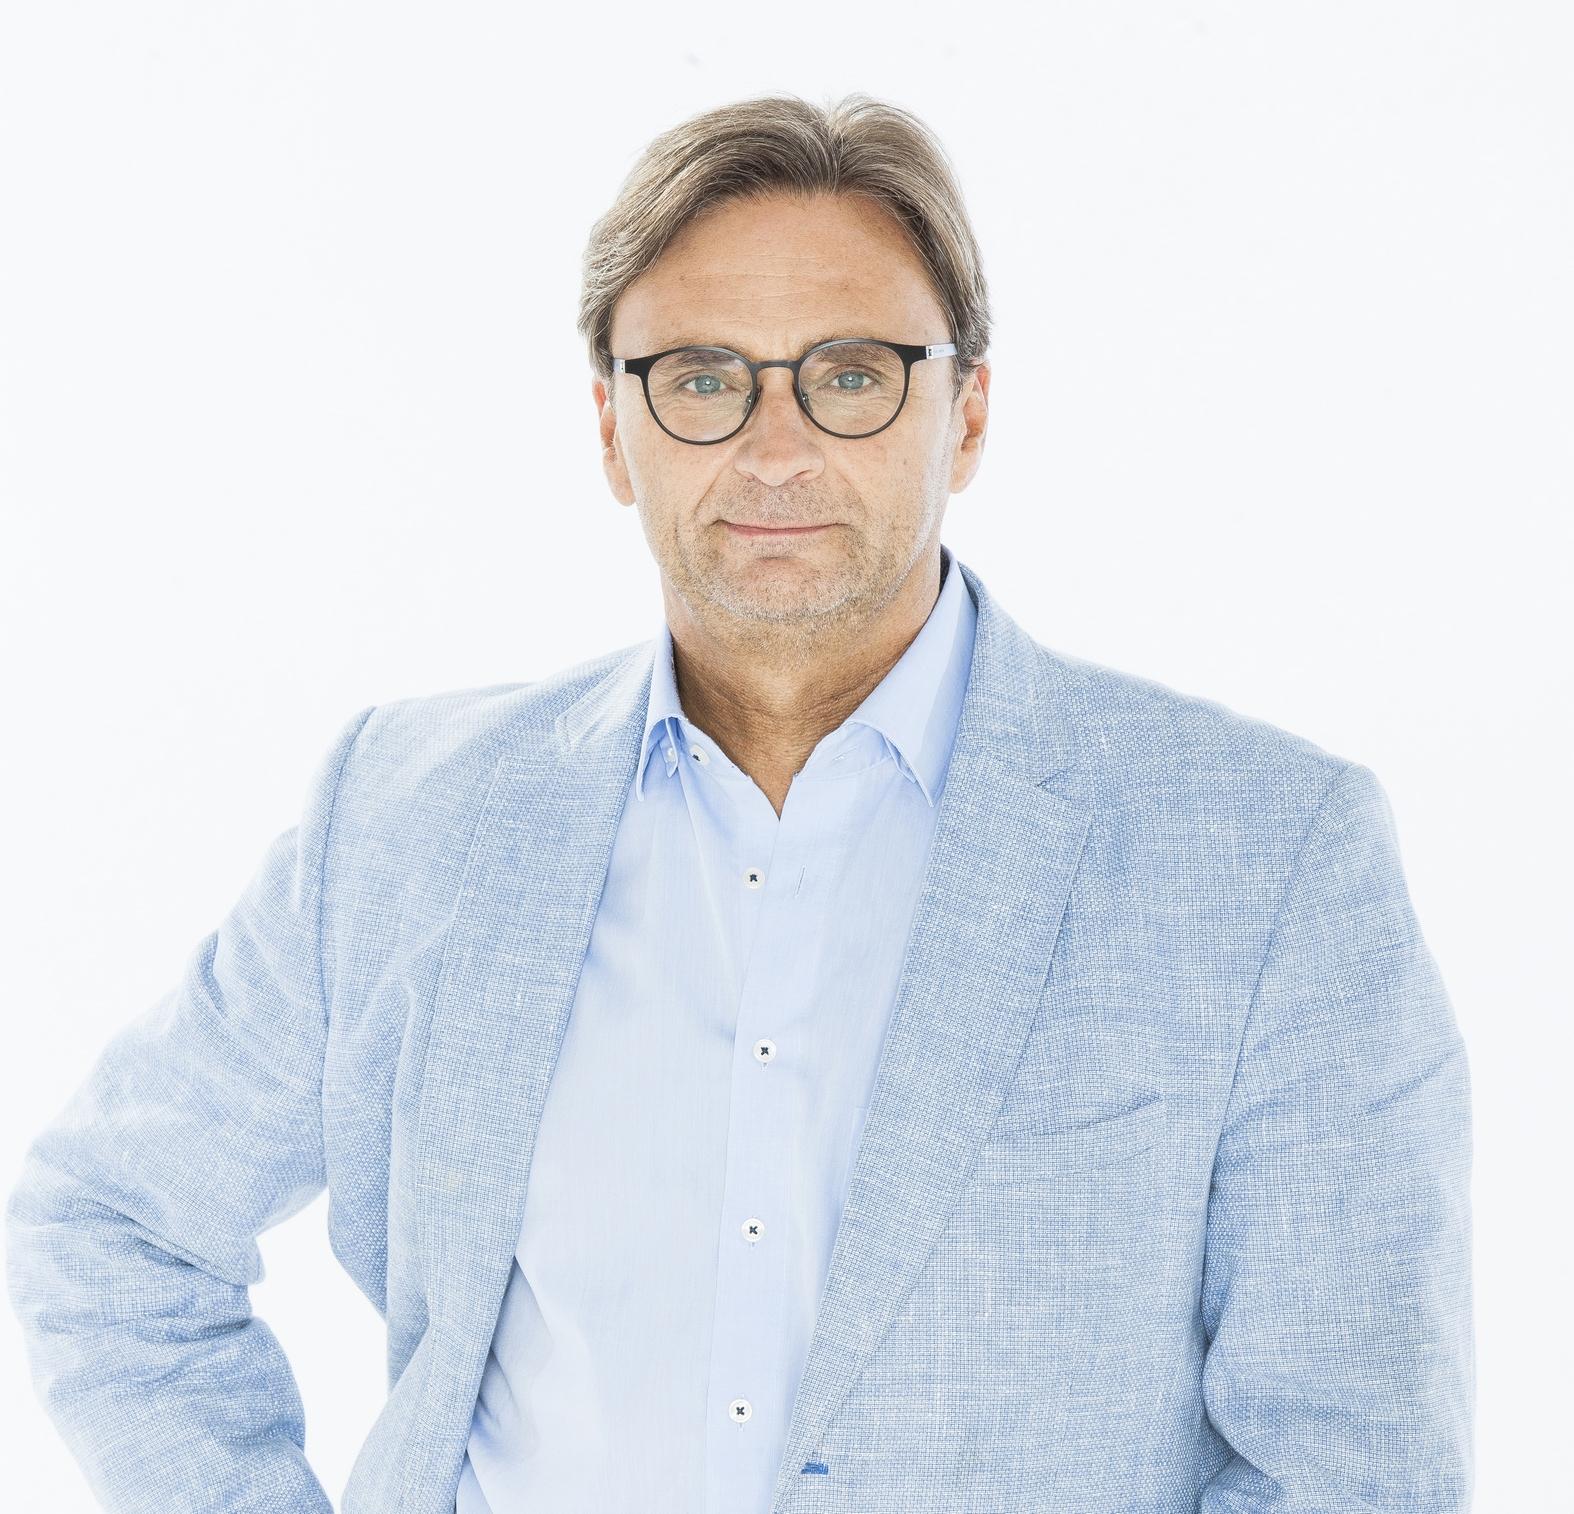 Francis Goffin dirige les radios publiques (La 1ère, VivaCité, Musiq'3, Classic21 et Pure) de la RTBF en Belgique © Sandra Reyckers